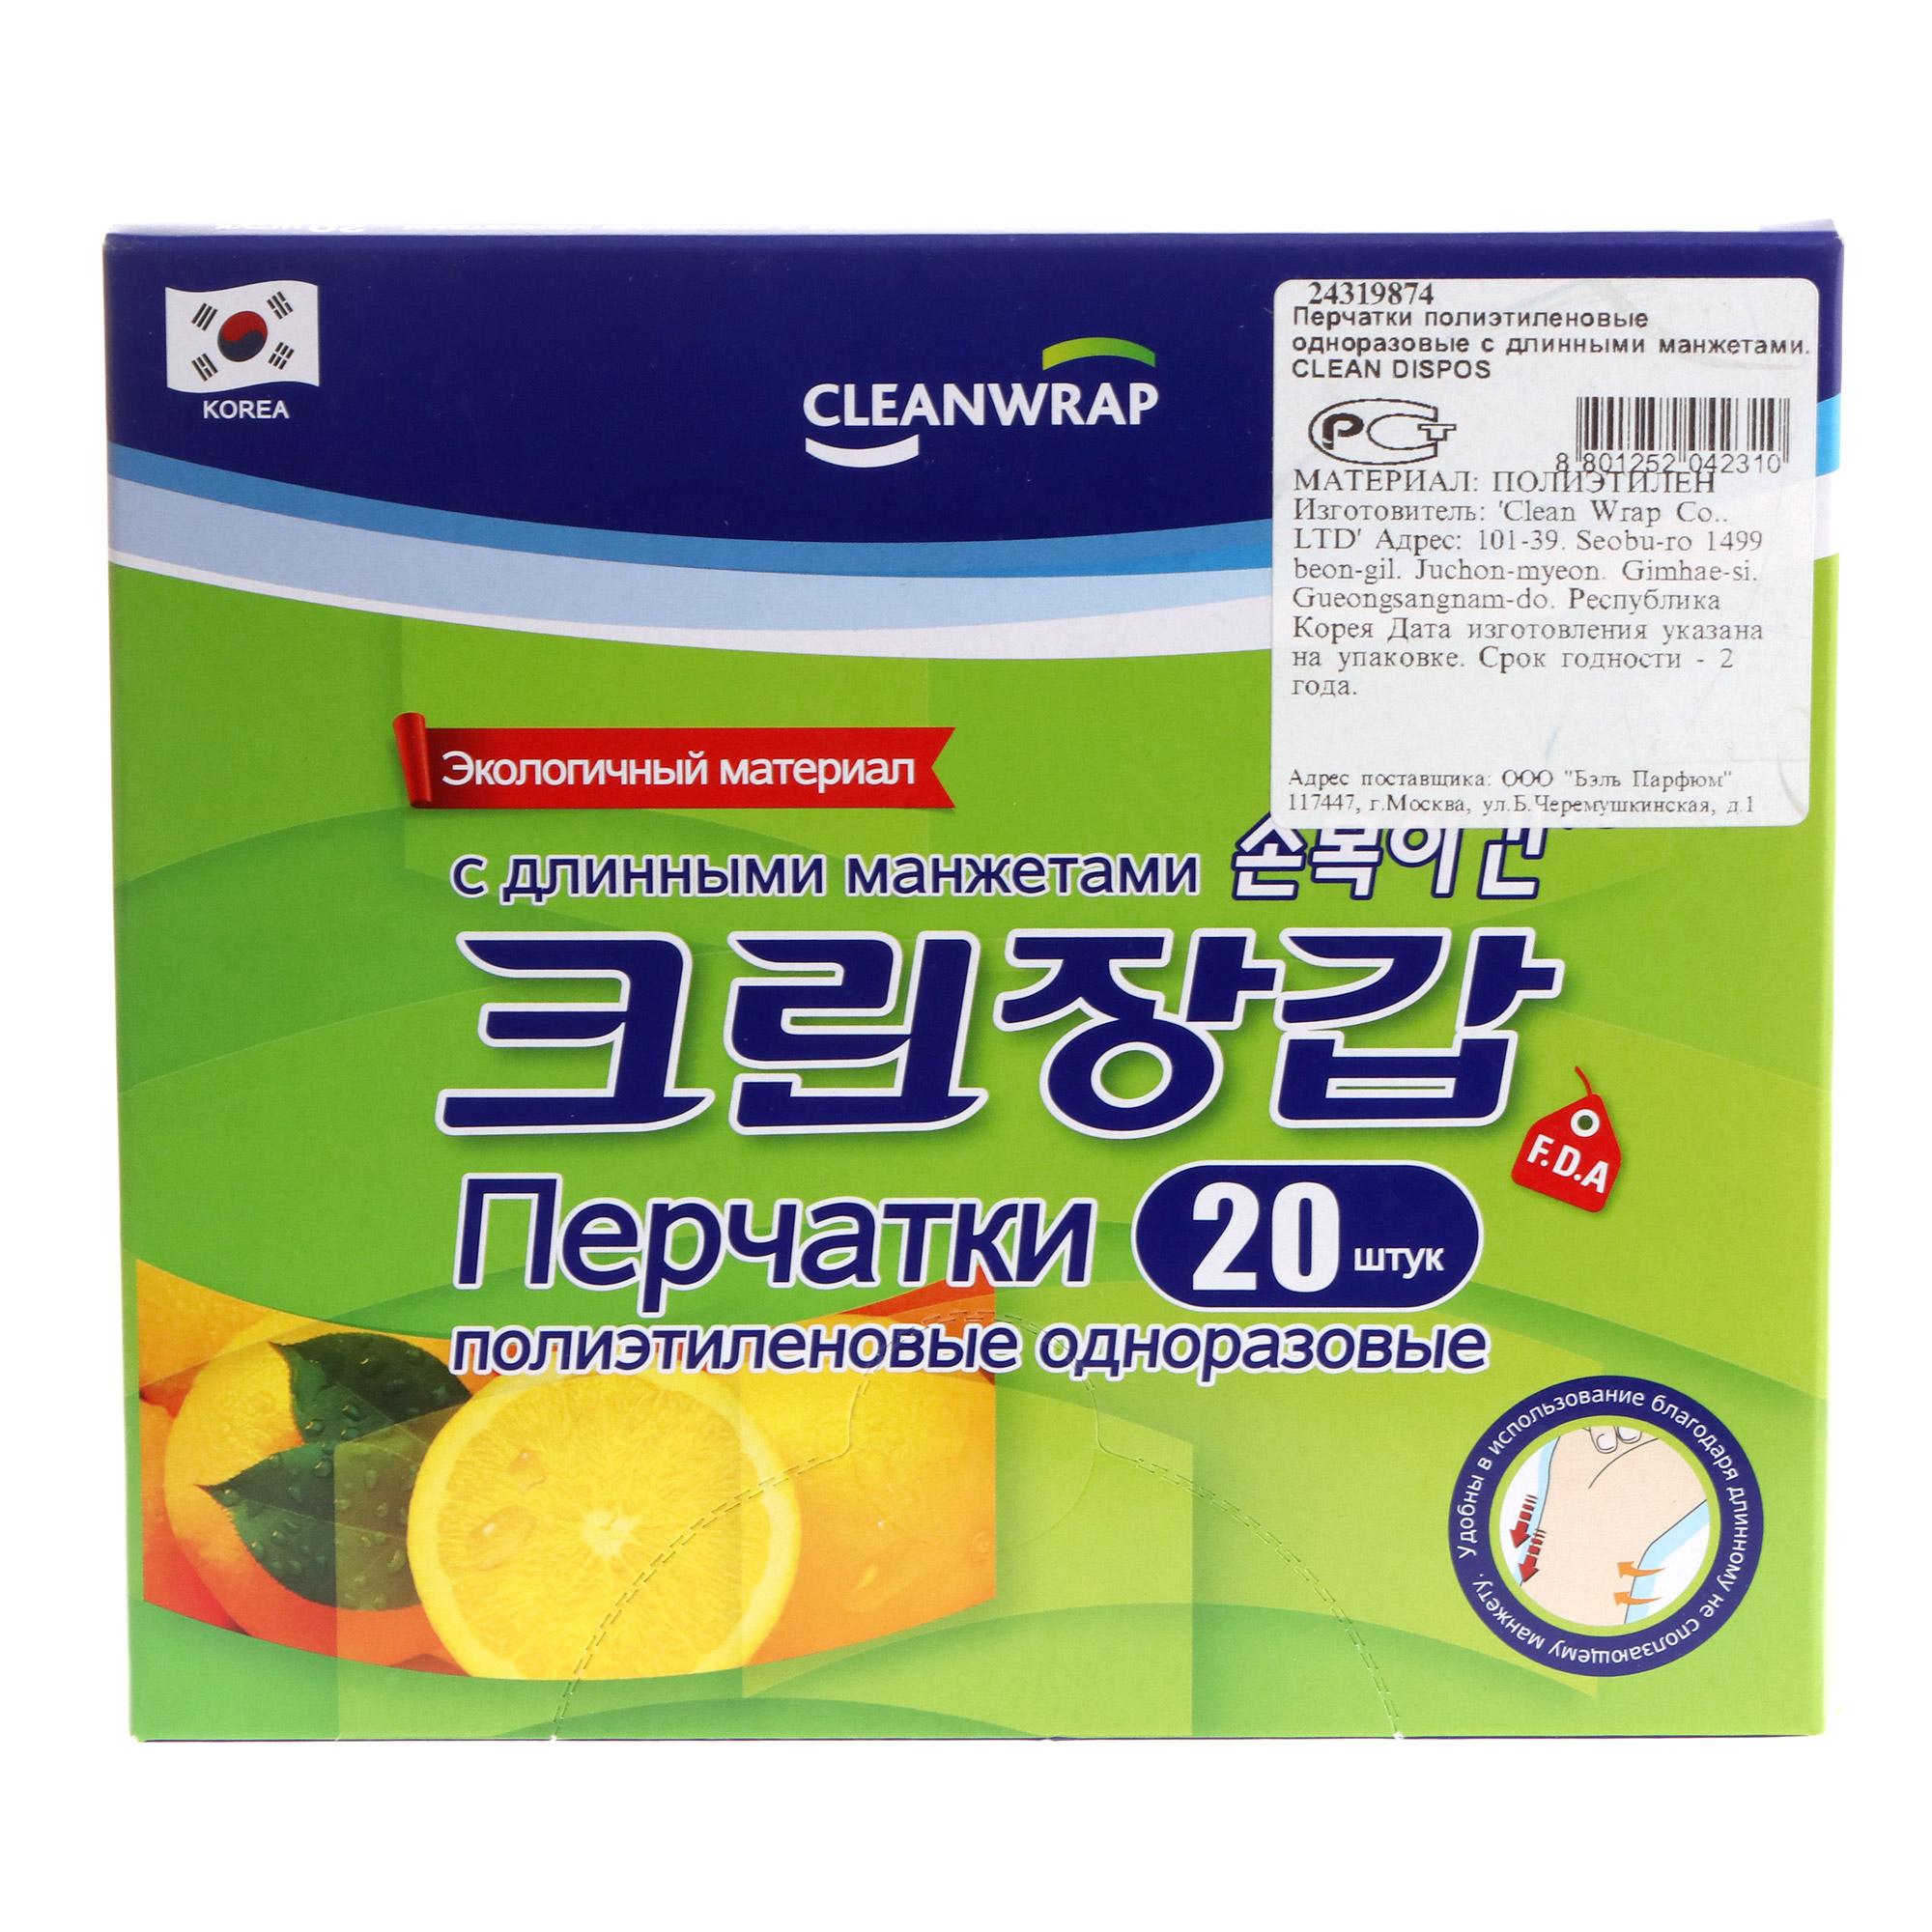 Перчатки CLEANWRAP  полиэтиленовые с длинными манжетами